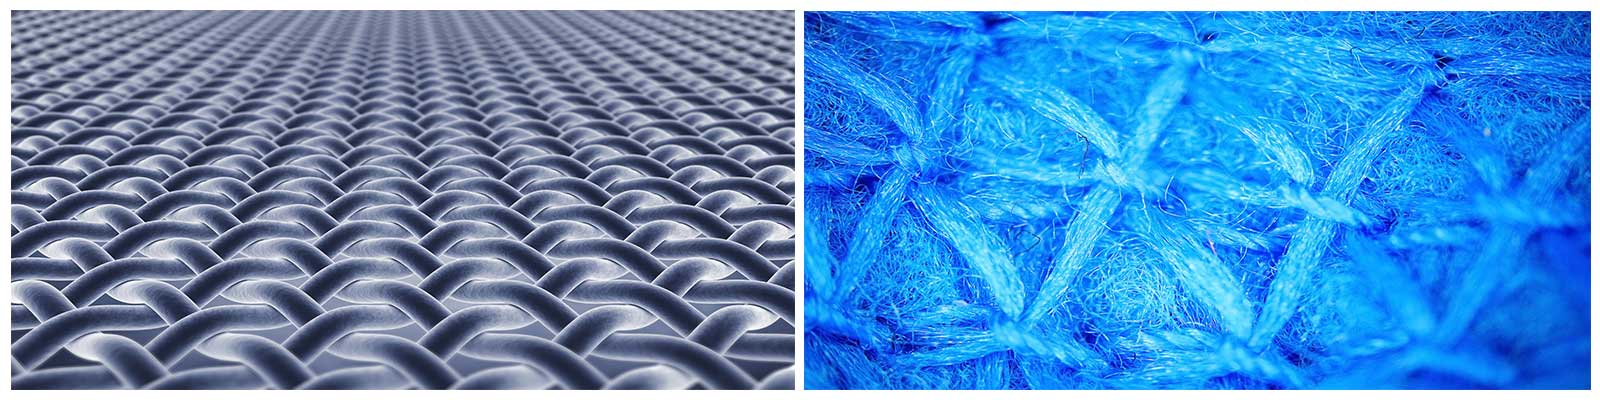 résistances électriques pour le secteur textile